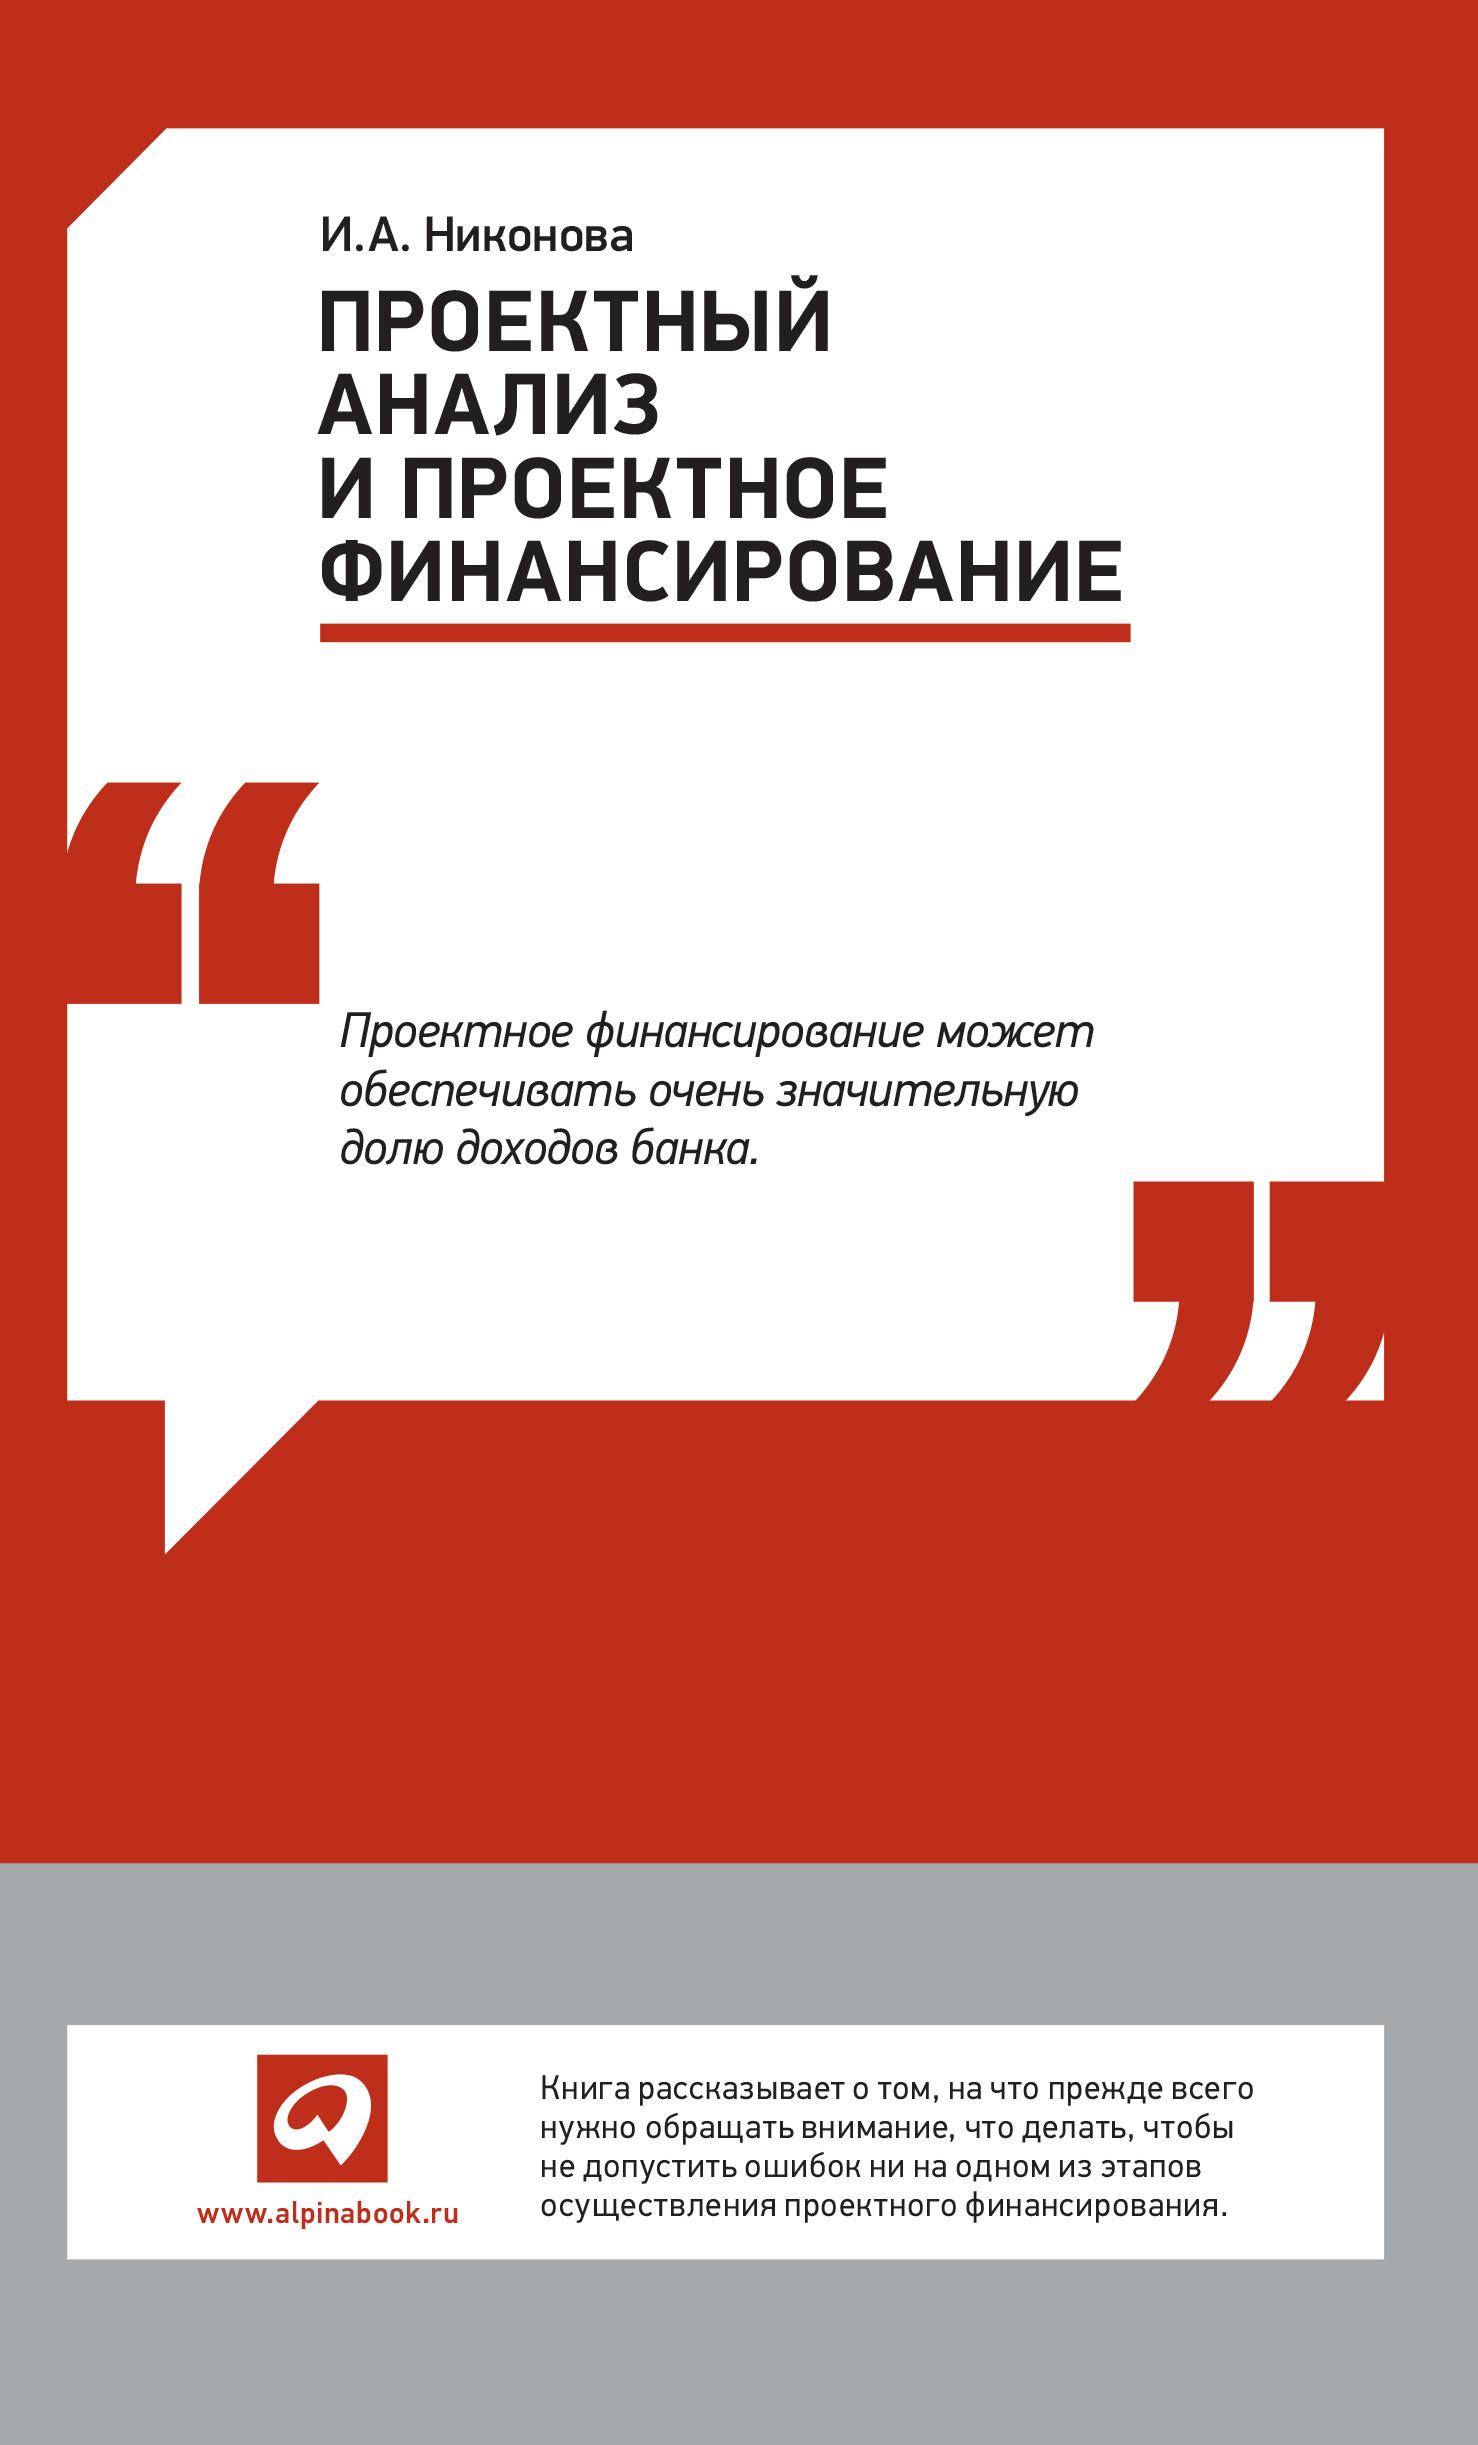 Ирина Александровна Никонова Проектный анализ и проектное финансирование э р йескомб принципы проектного финансирования